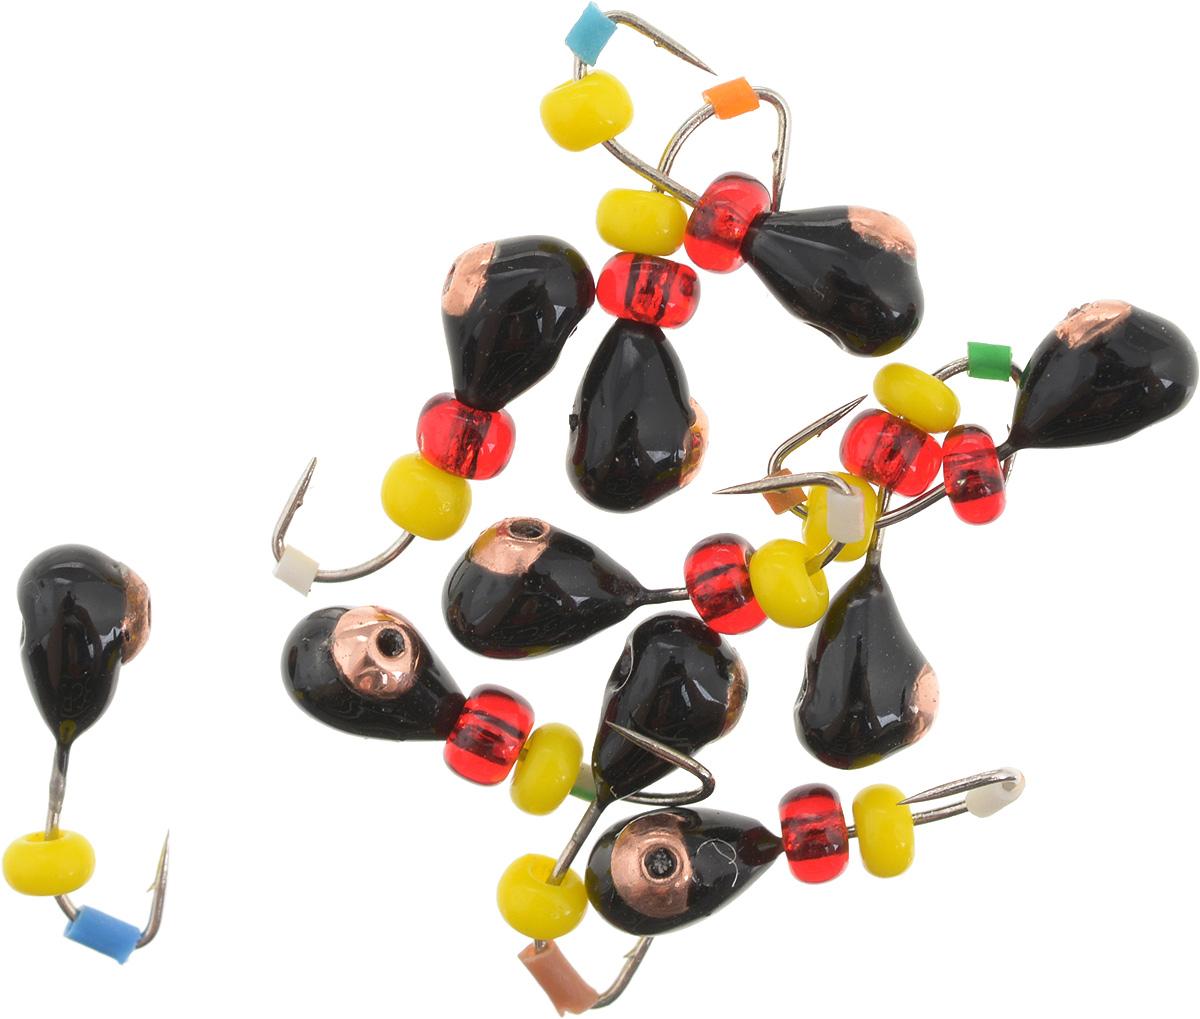 Мормышка вольфрамовая Dixxon Капля, с отверстием, с бисером, диаметр 3 мм, 0,45 г, 10 шт. 59372PGPS7797CIS08GBNVМормышка Dixxon Капля изготовлена из вольфрама и оснащена крючком. Главное достоинство вольфрамовой мормышки - большой вес при малом объеме. Эта особенность дает большие преимущества при ловле, так как позволяет быстро погрузить приманку на требуемую глубину и лучше чувствовать игру мормышки. Подходит для подледной ловли.